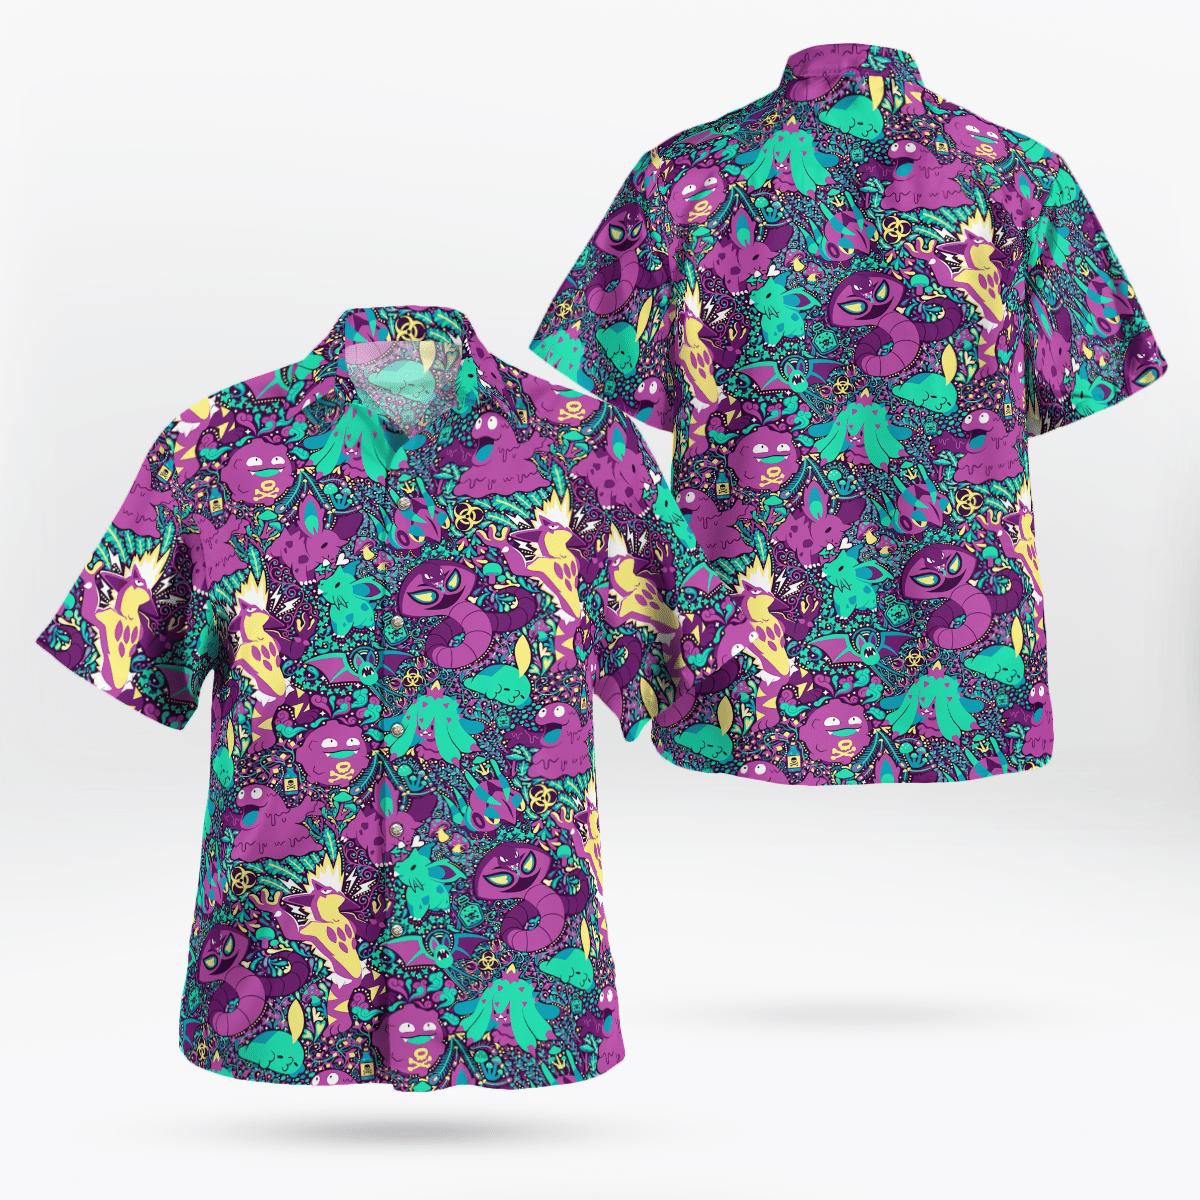 Poison pokémon hawaiian shirt